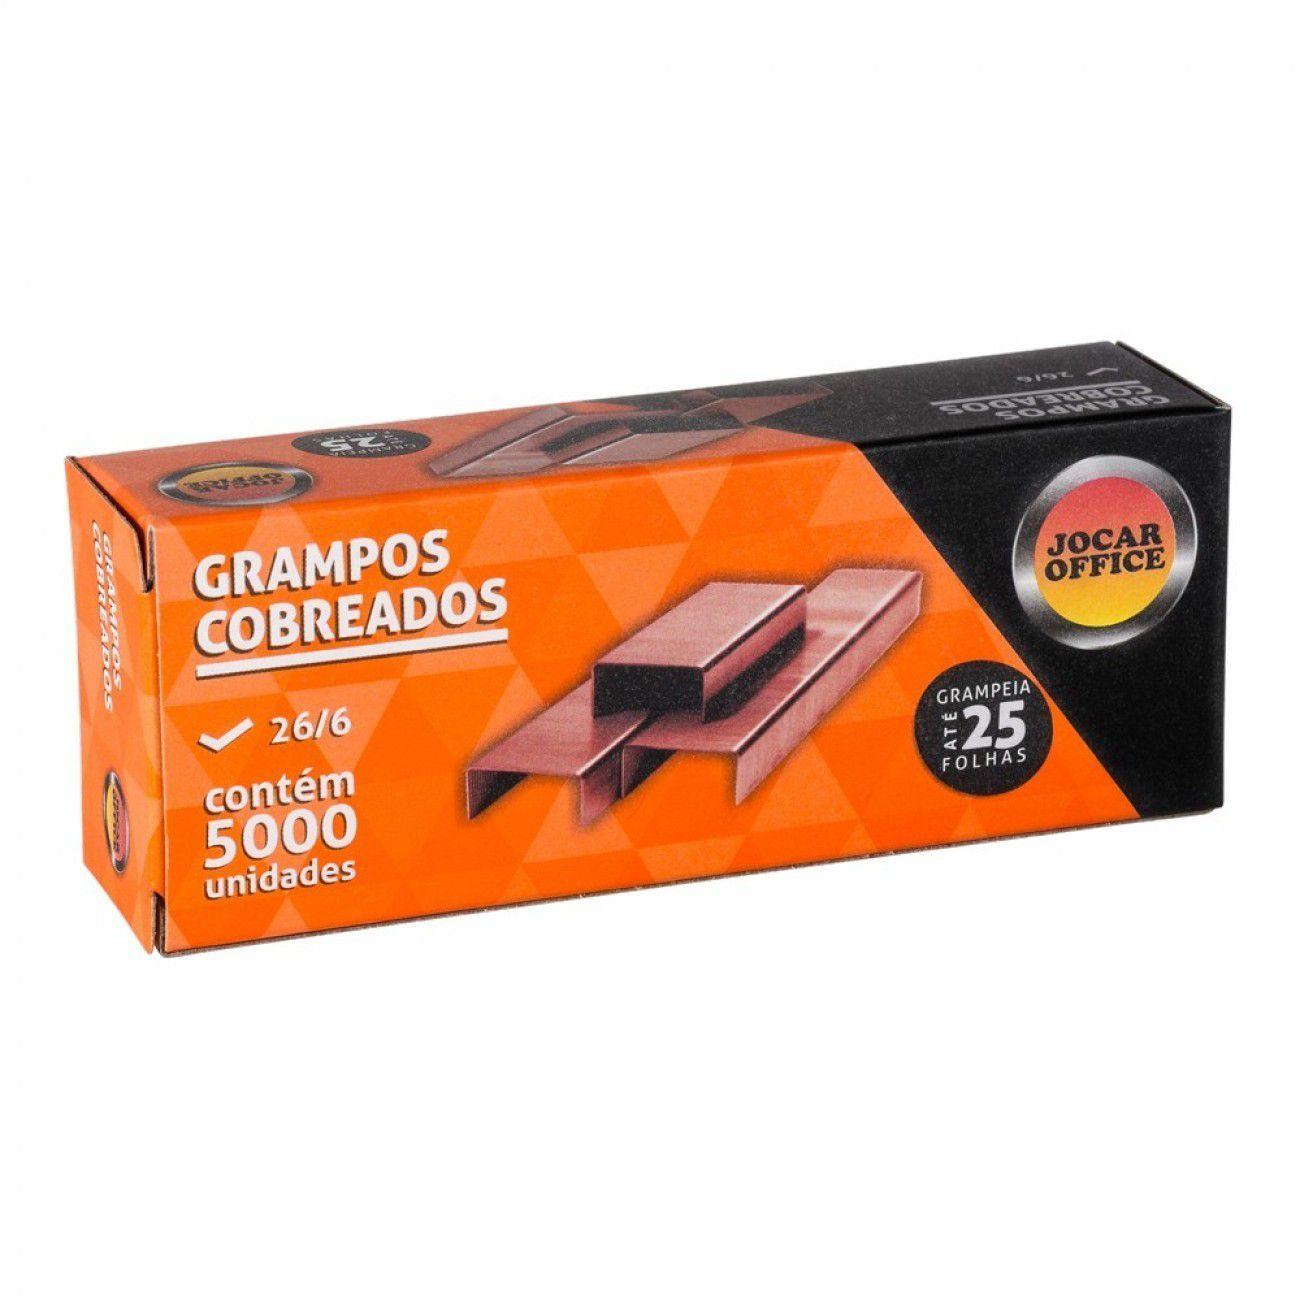 10 Cxs Grampo 26/6 Cobreado com 5000 uni Jocar Office